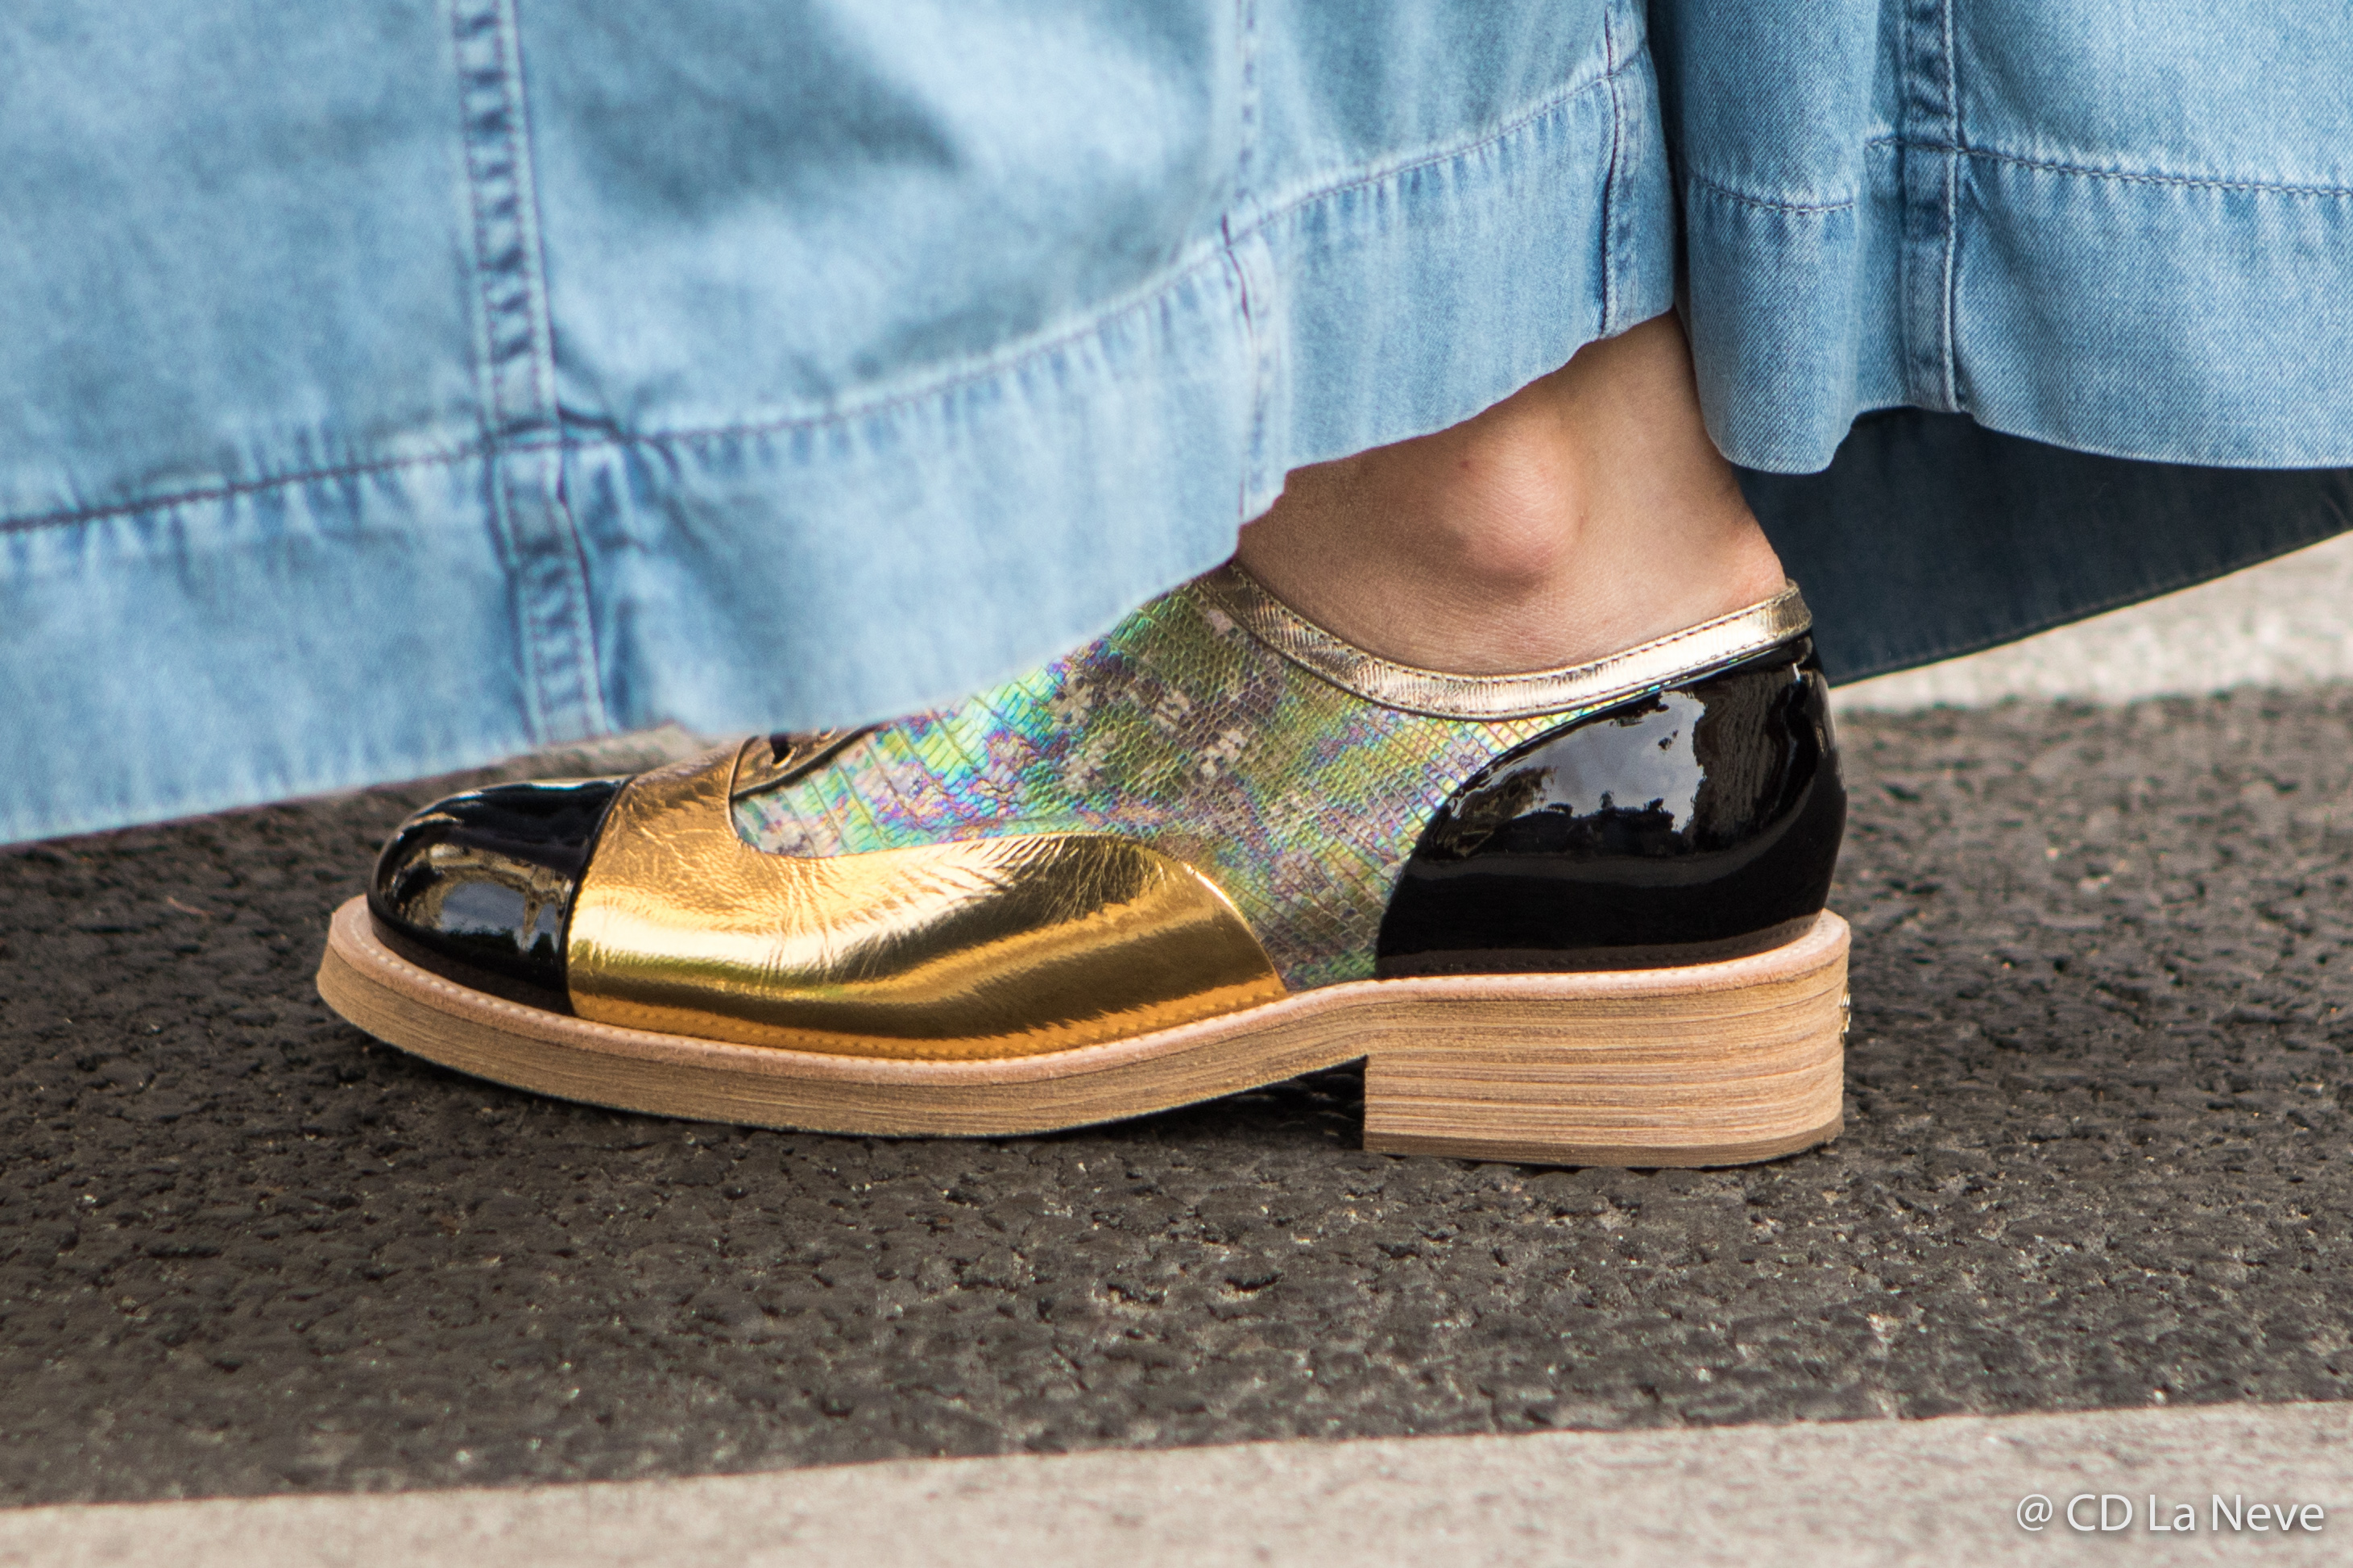 Chanel Shoes Maison Margiela Paris Fashion Week Haute Couture FW17